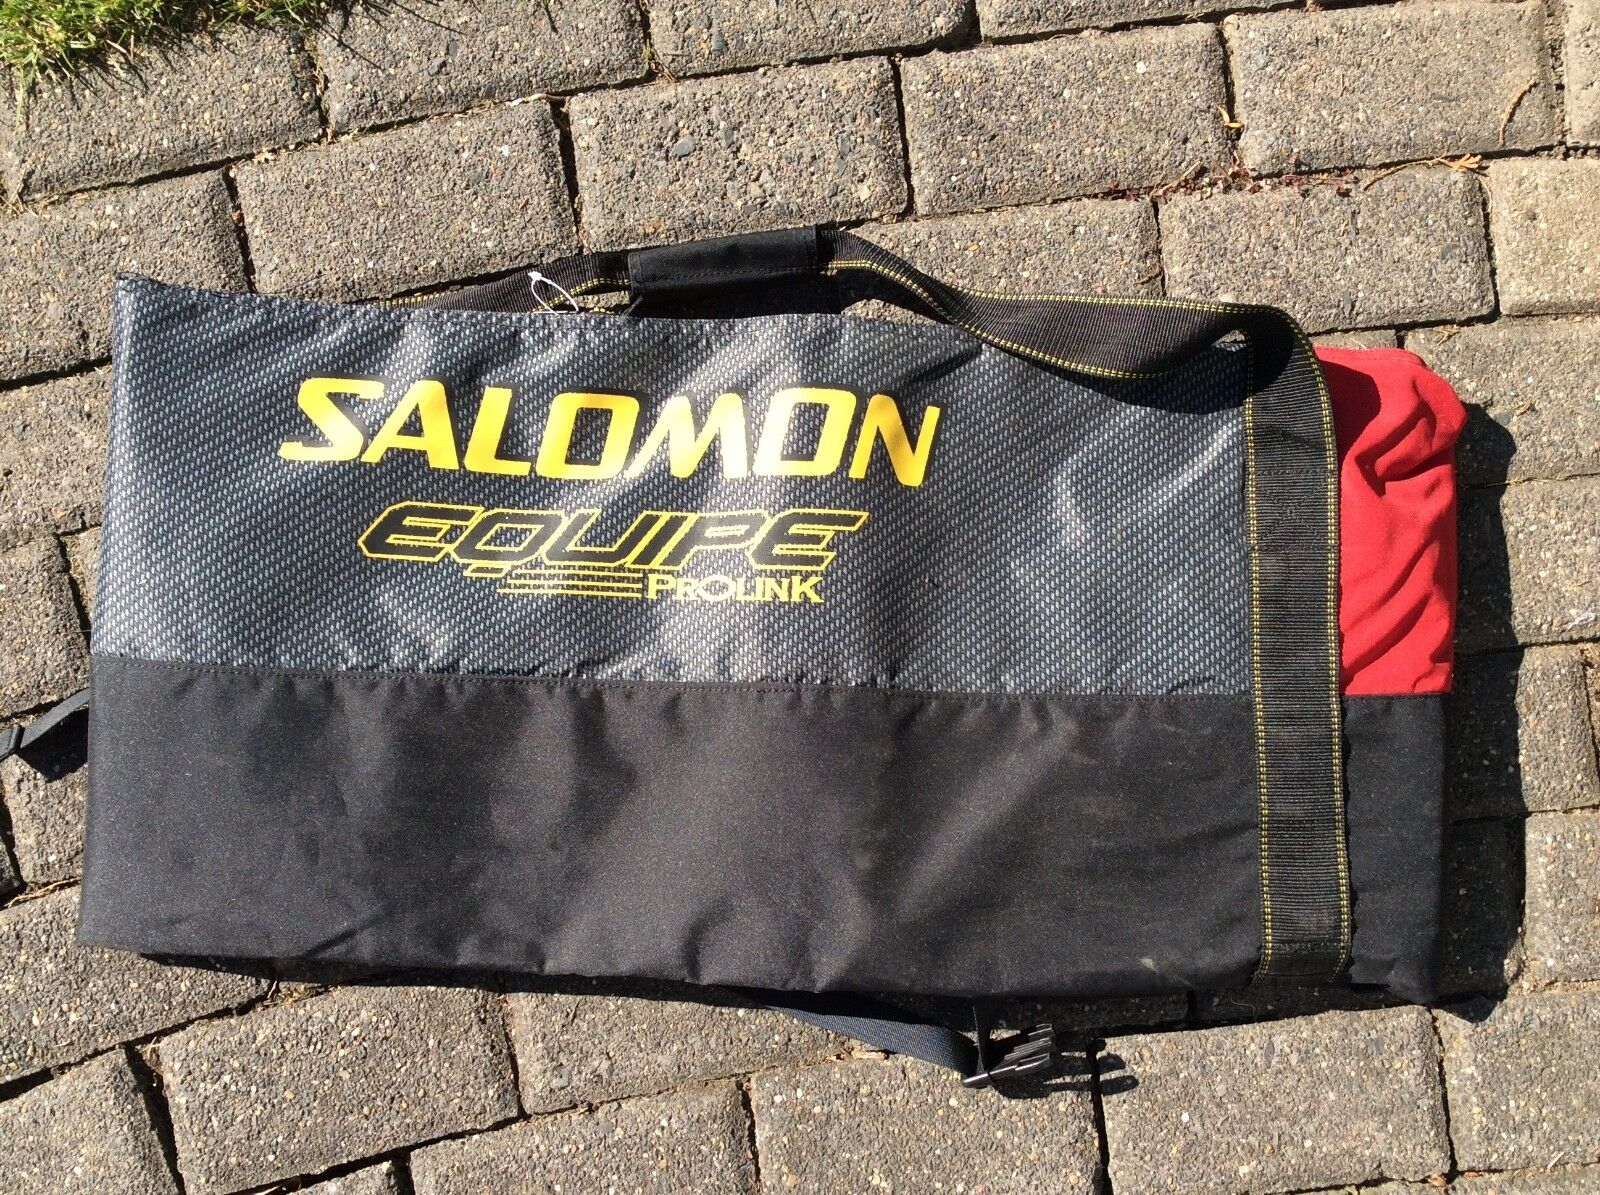 Skisack Salomon schwarz-rot für 2 Paar Ski